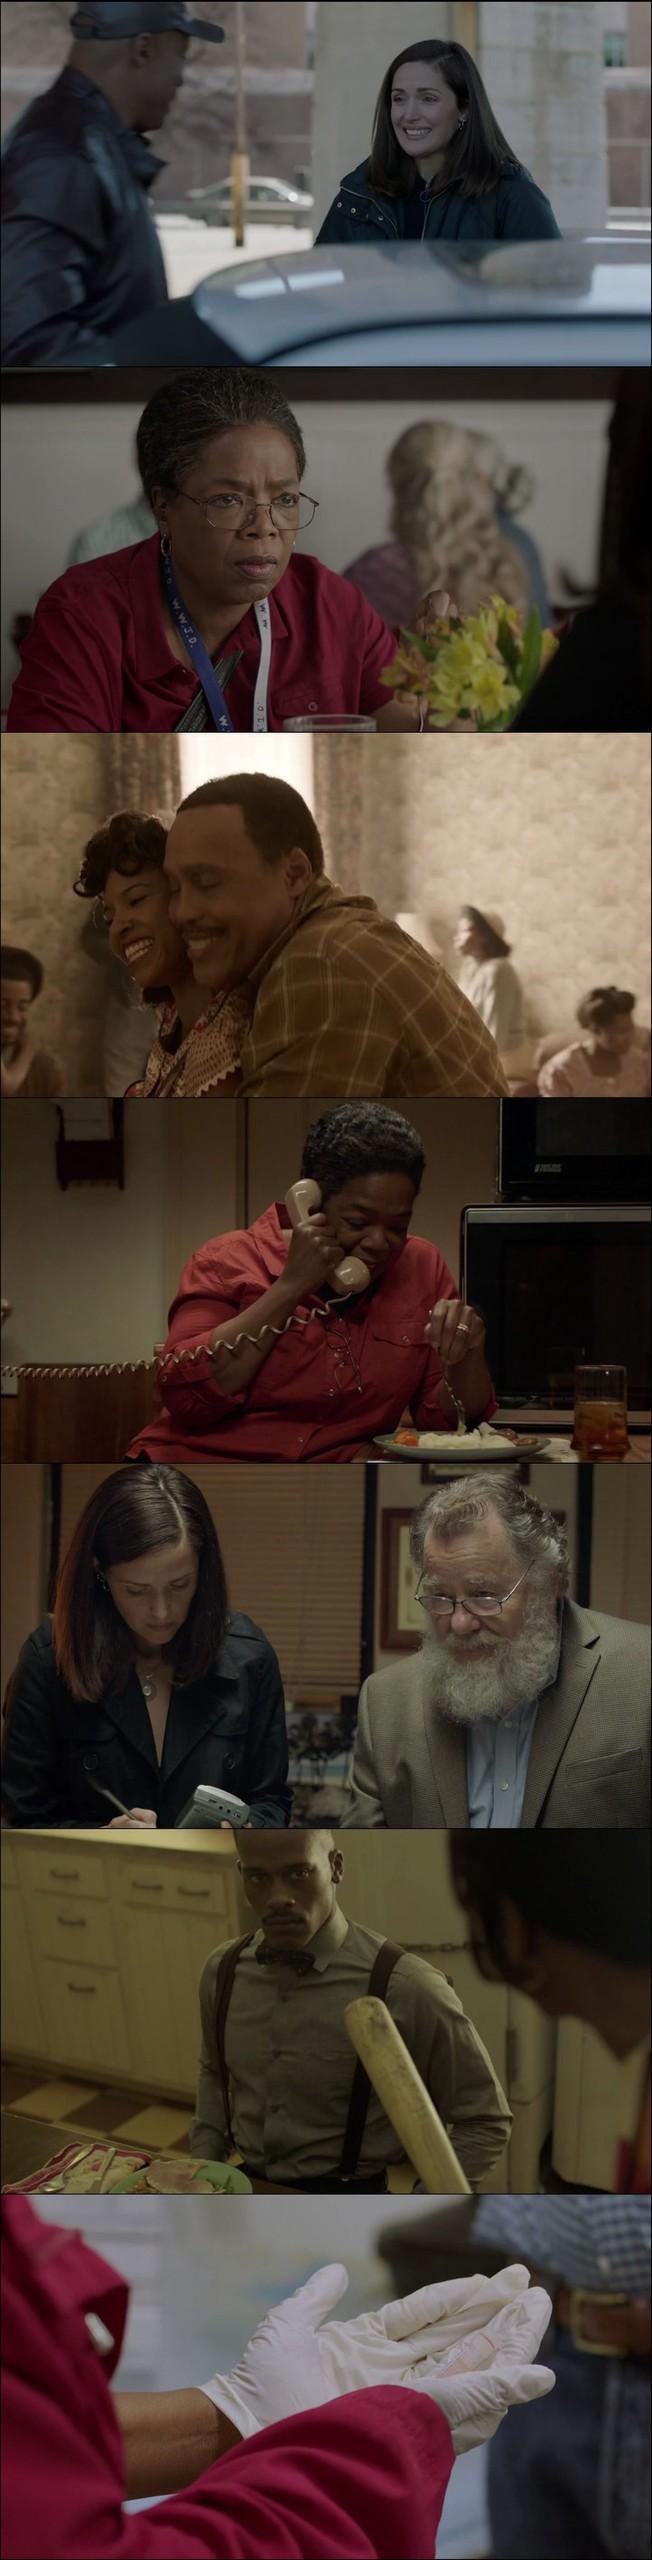 Henrietta Lacks'ın Ölümsüz Hayatı | 2017 | HDTV x264 | Türkçe Dublaj Full Tek Link indir izle